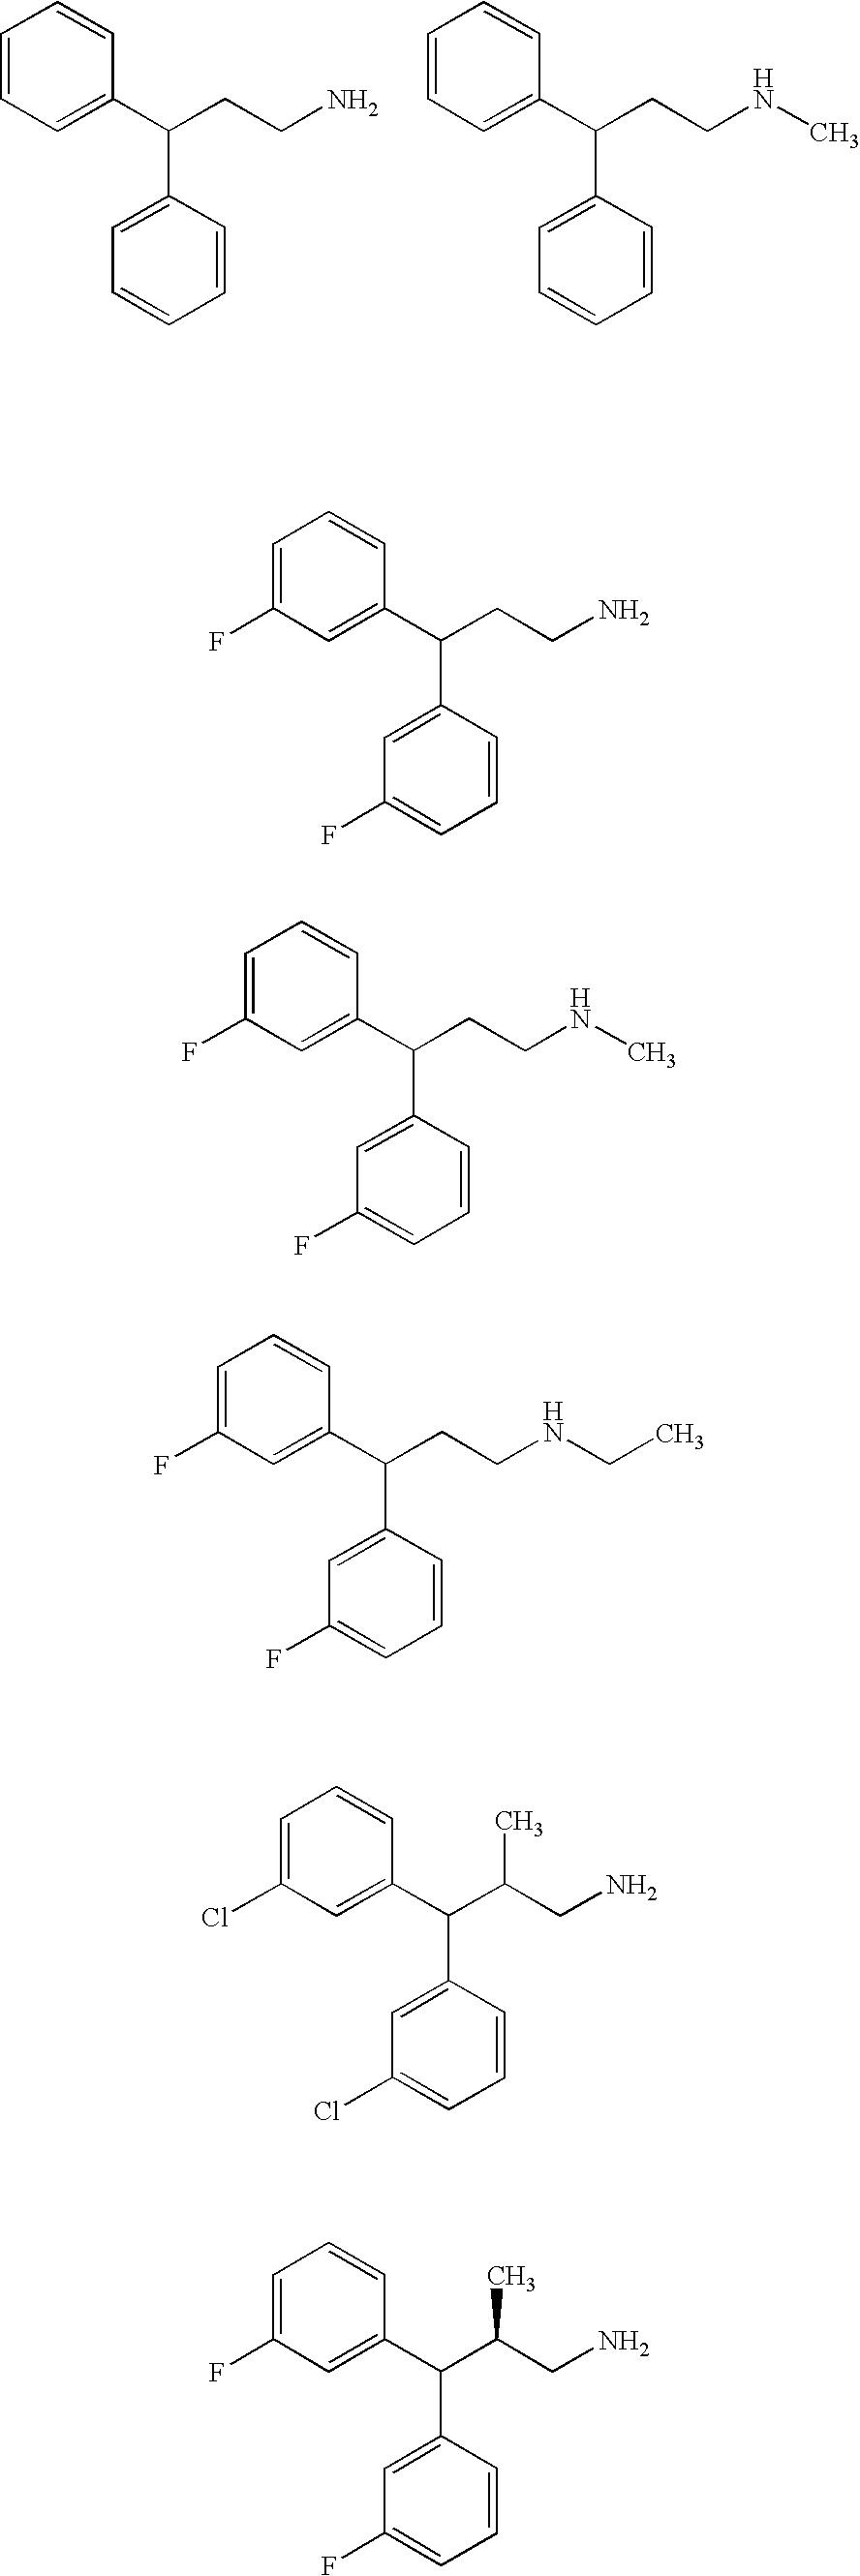 Figure US20050282859A1-20051222-C00007